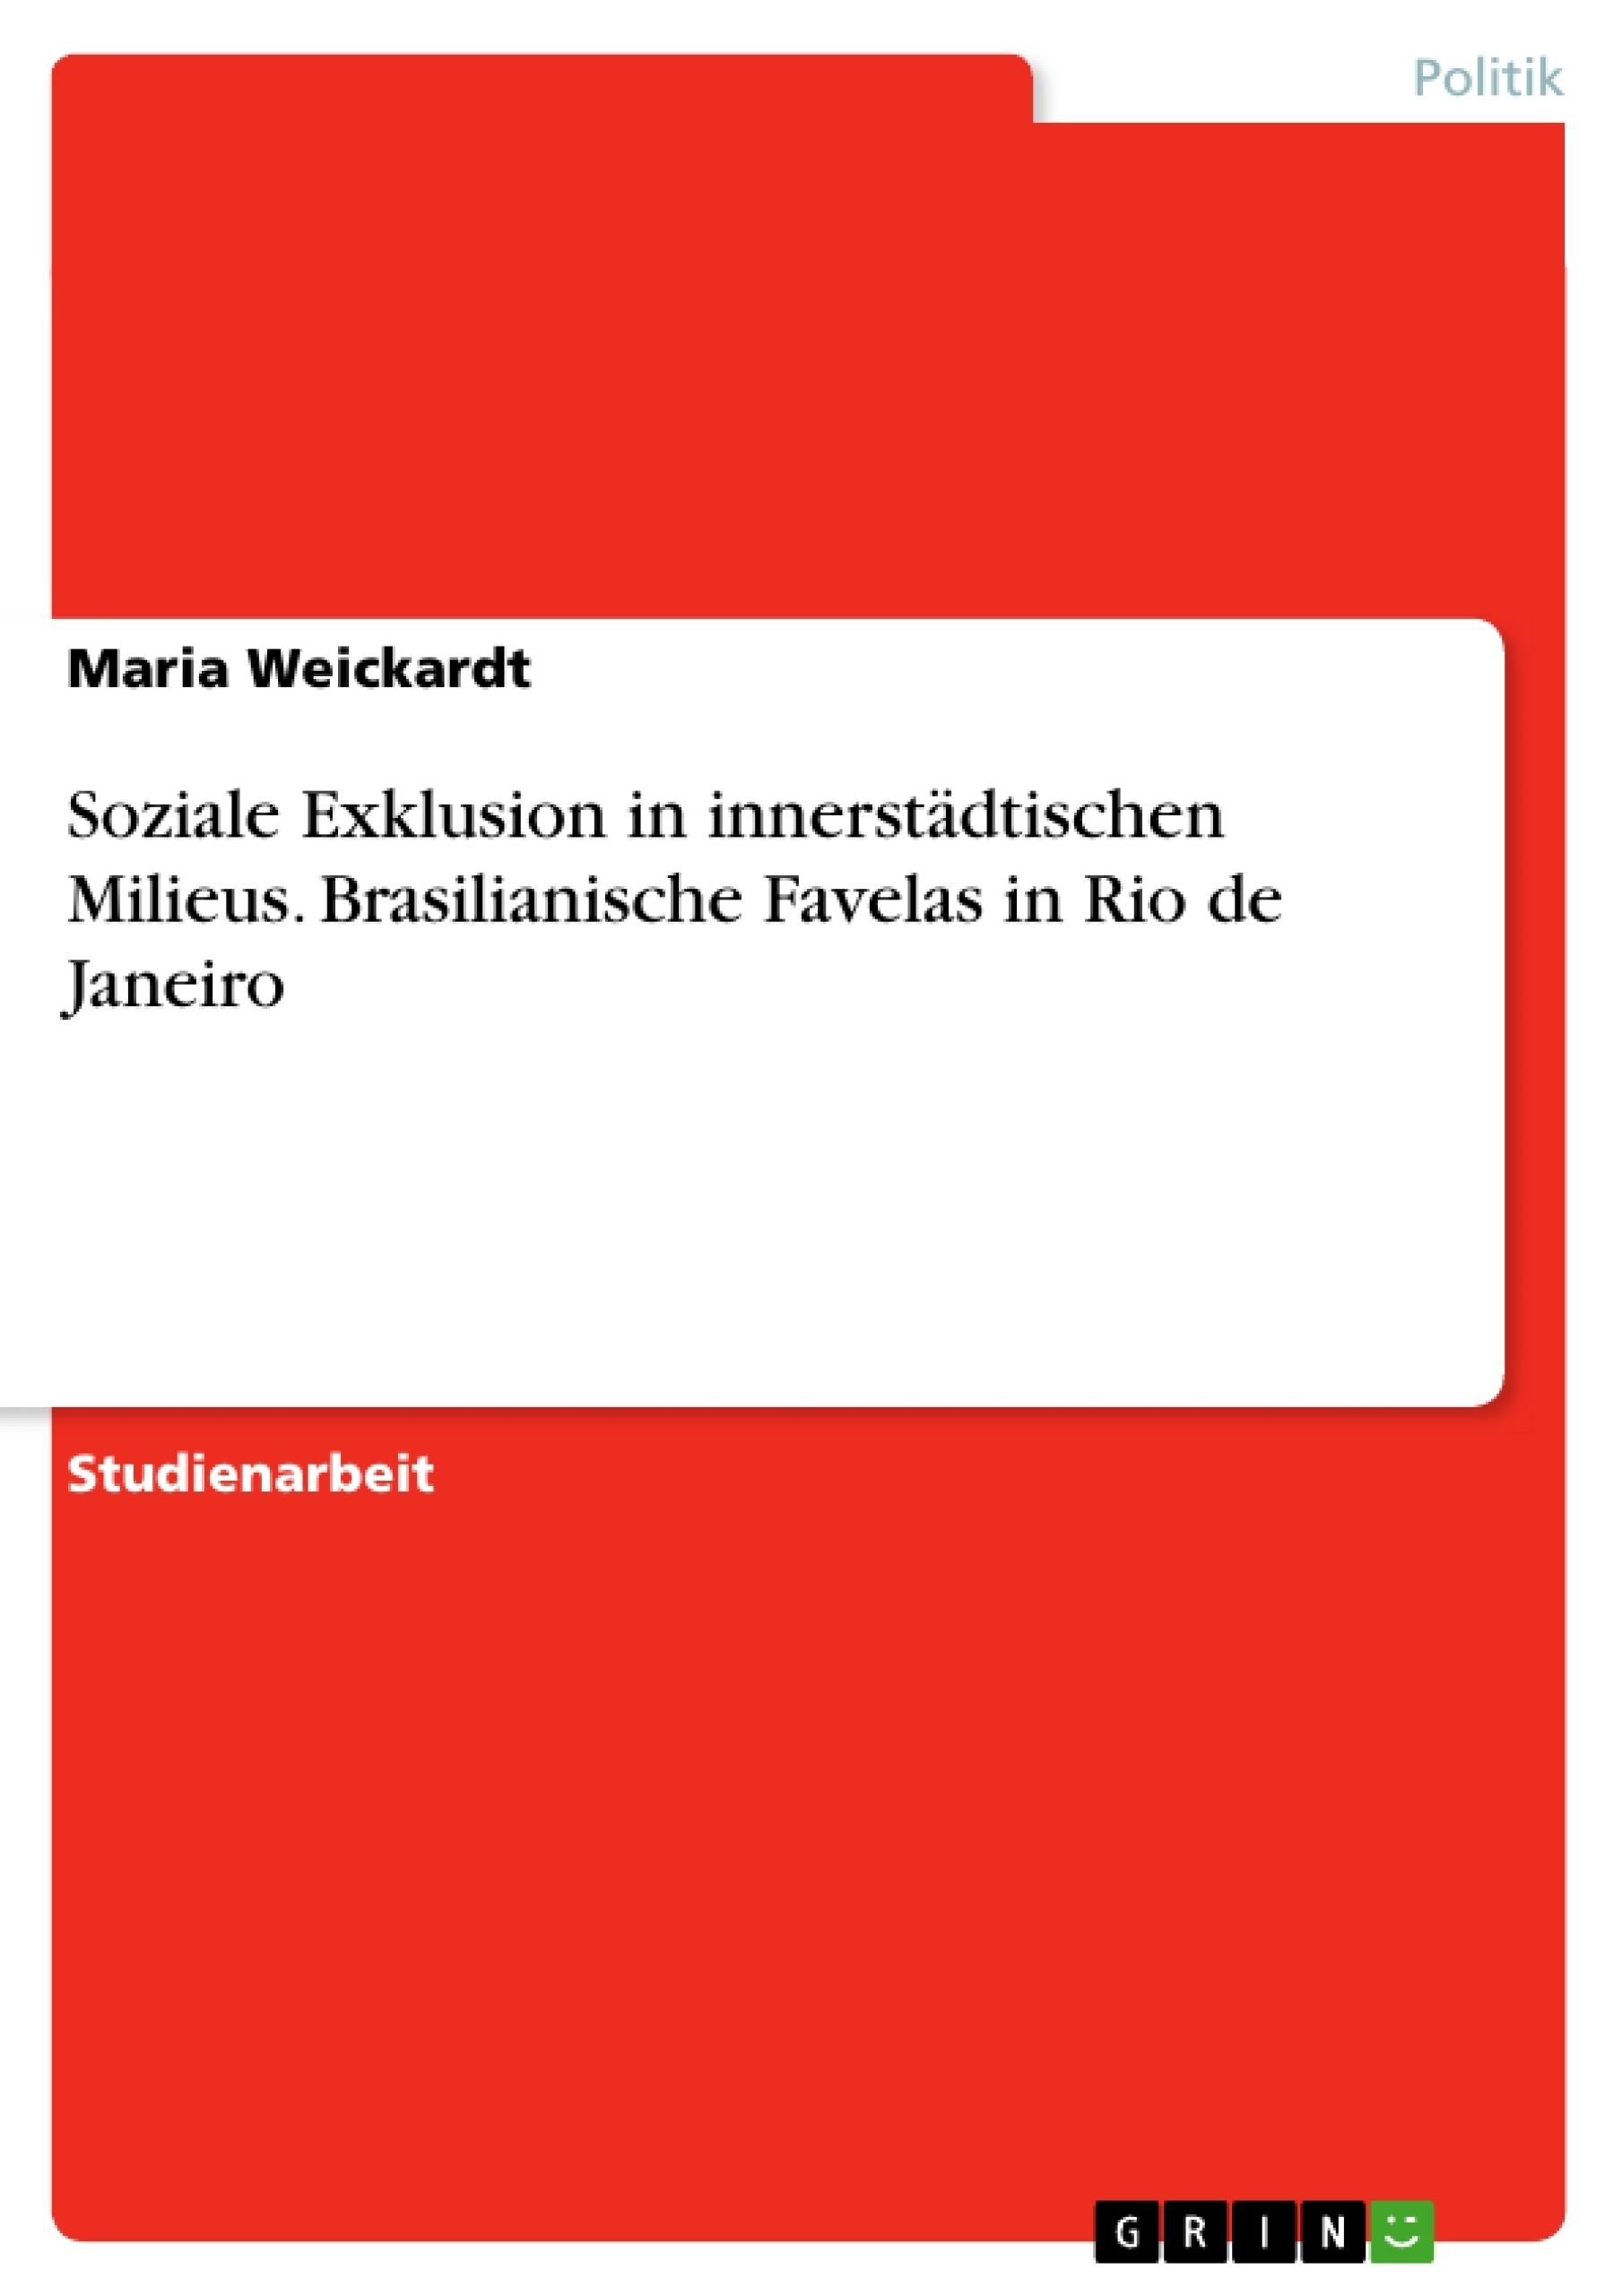 Titel: Soziale Exklusion in innerstädtischen Milieus. Brasilianische Favelas in Rio de Janeiro